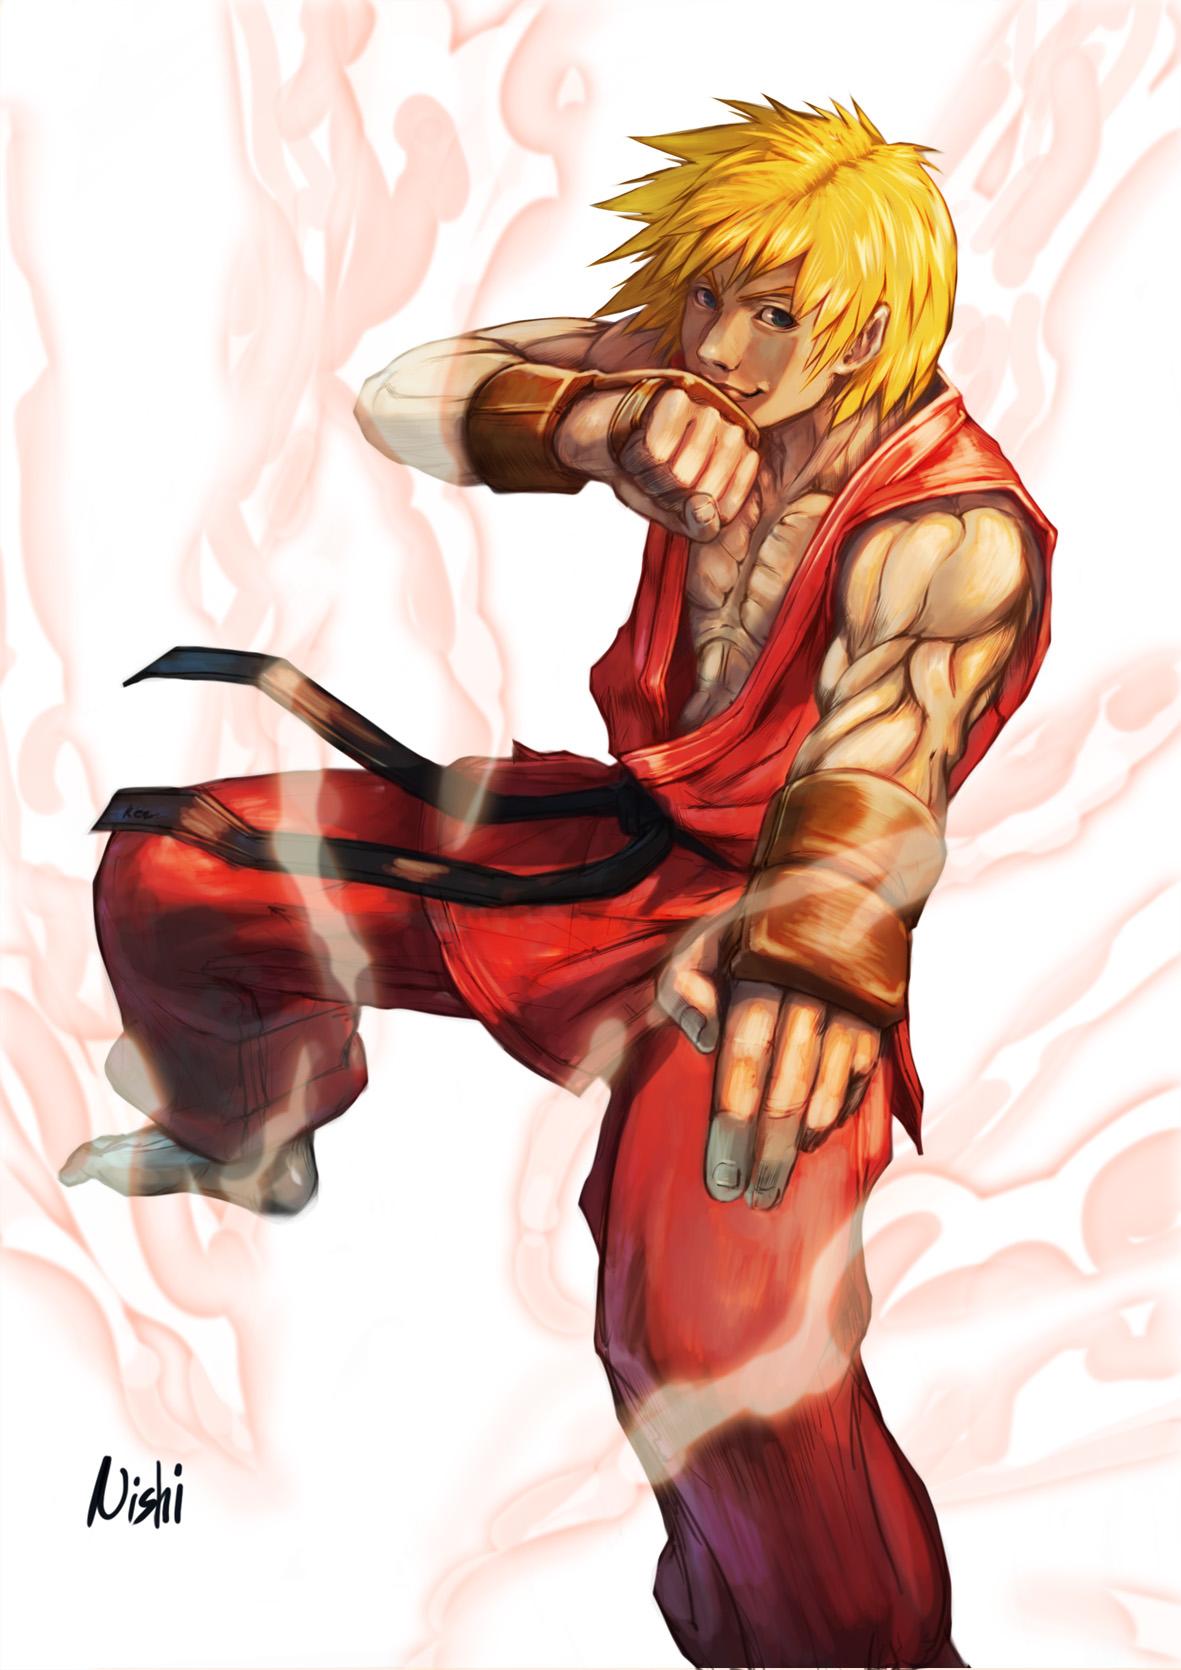 Ken Masters - Street Fighter - Zerochan Anime Image Board